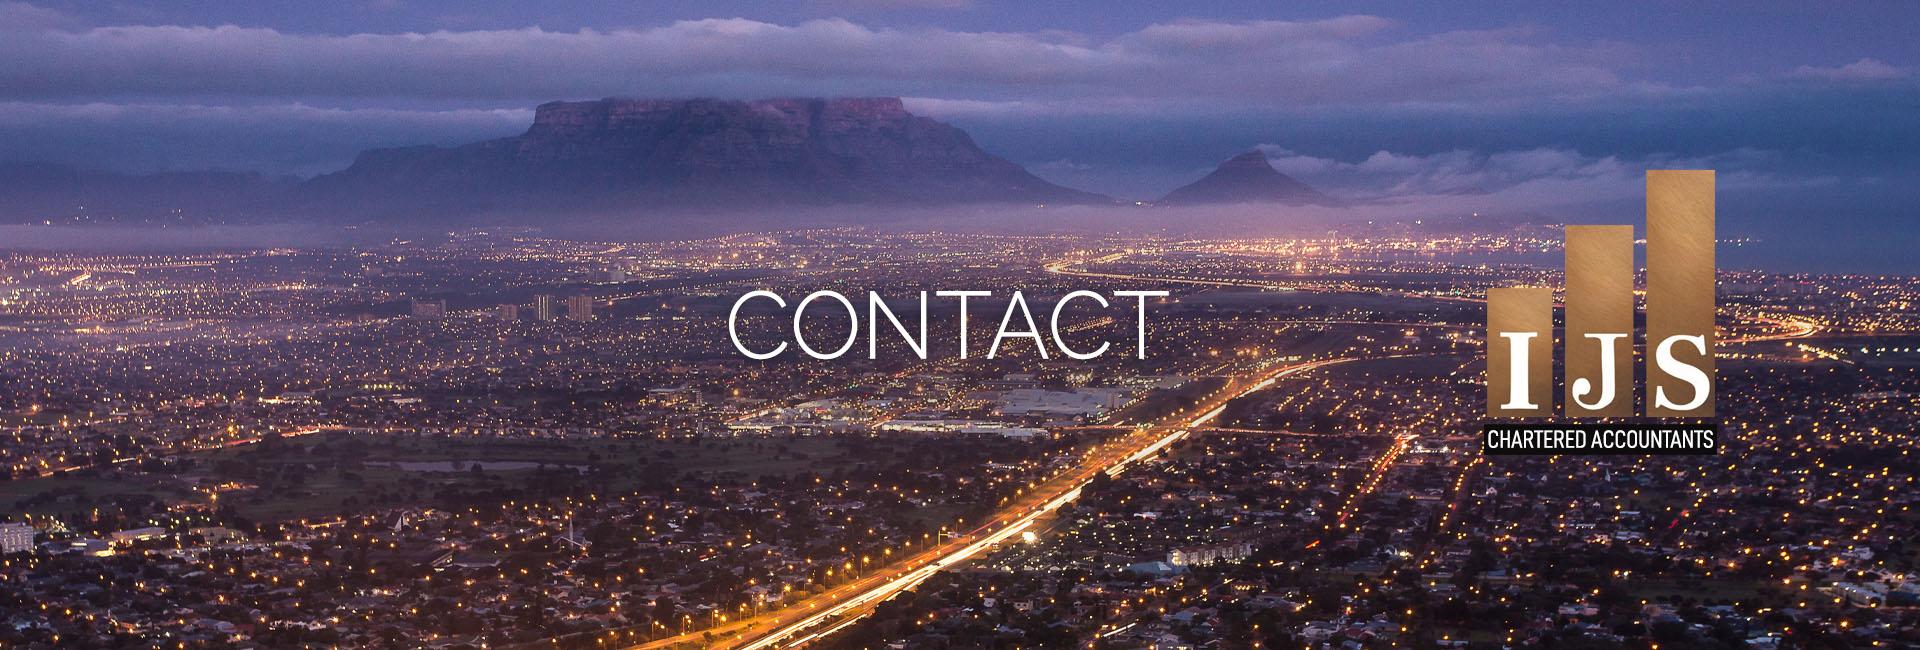 Contact IJS